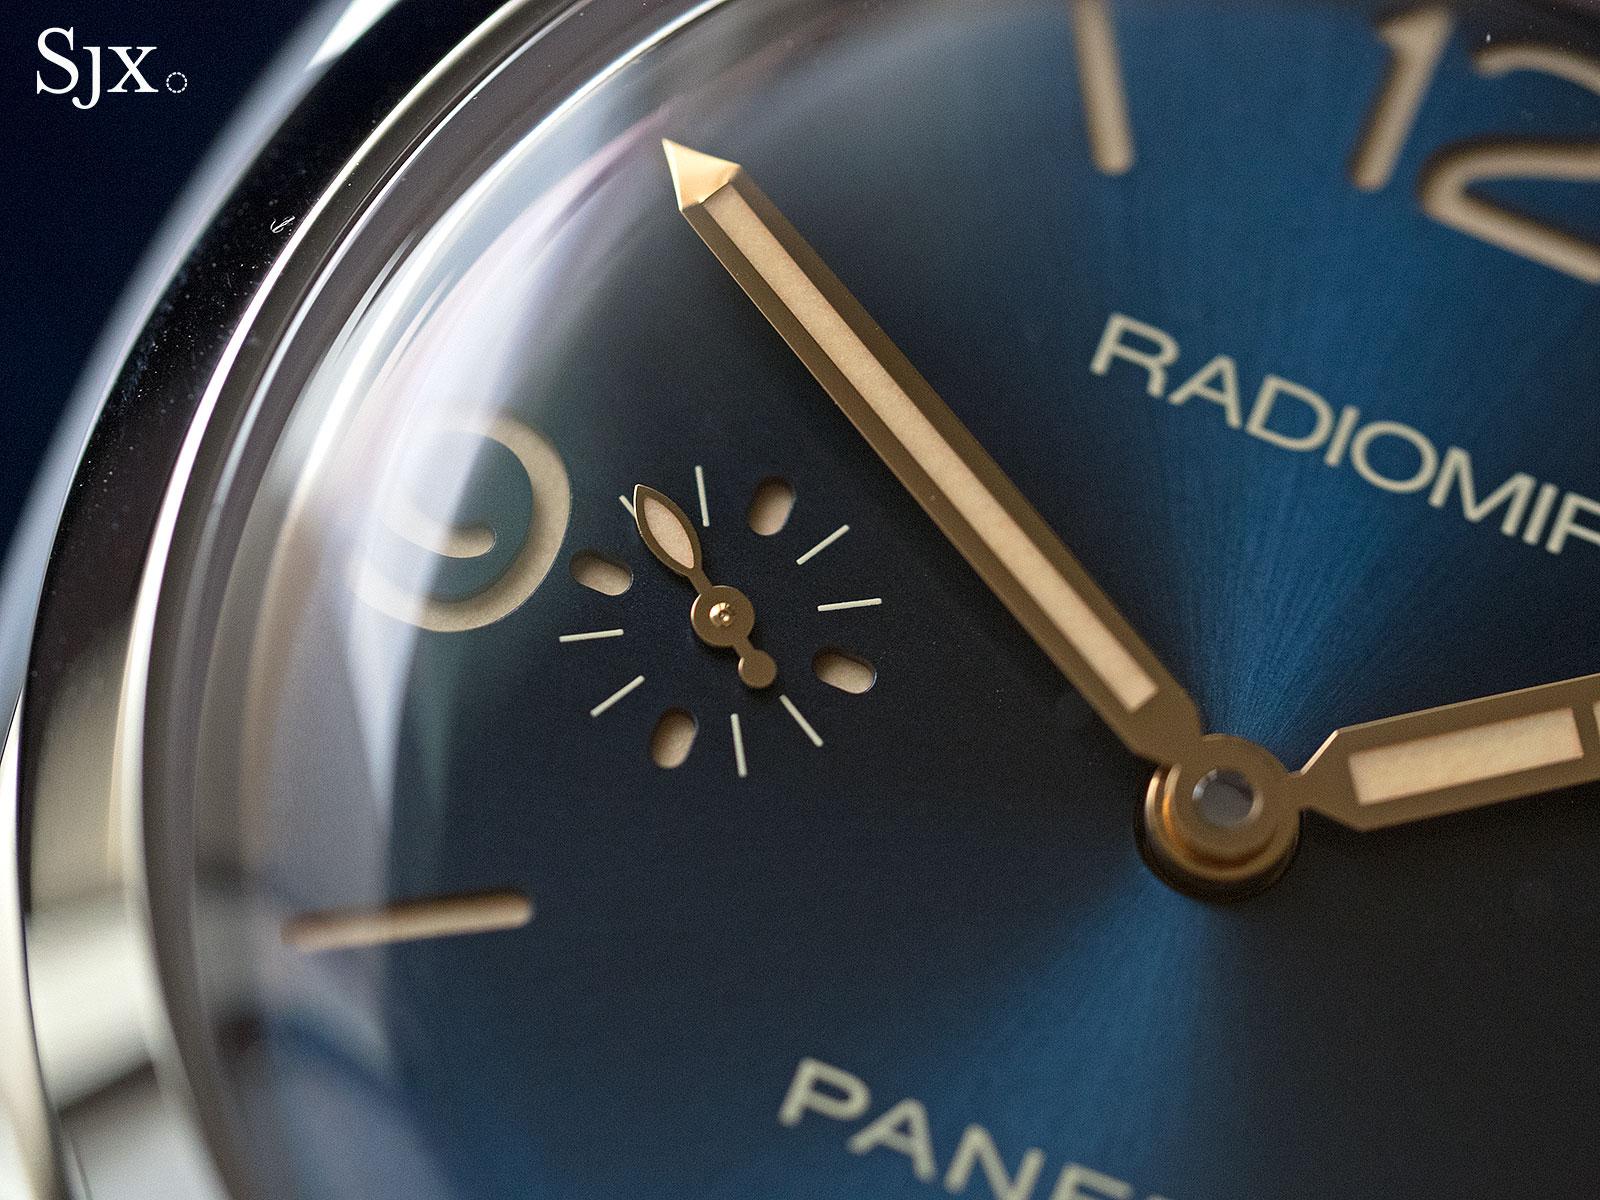 Panerai Radiomir 1940 Blue Dial PAM690 - 5